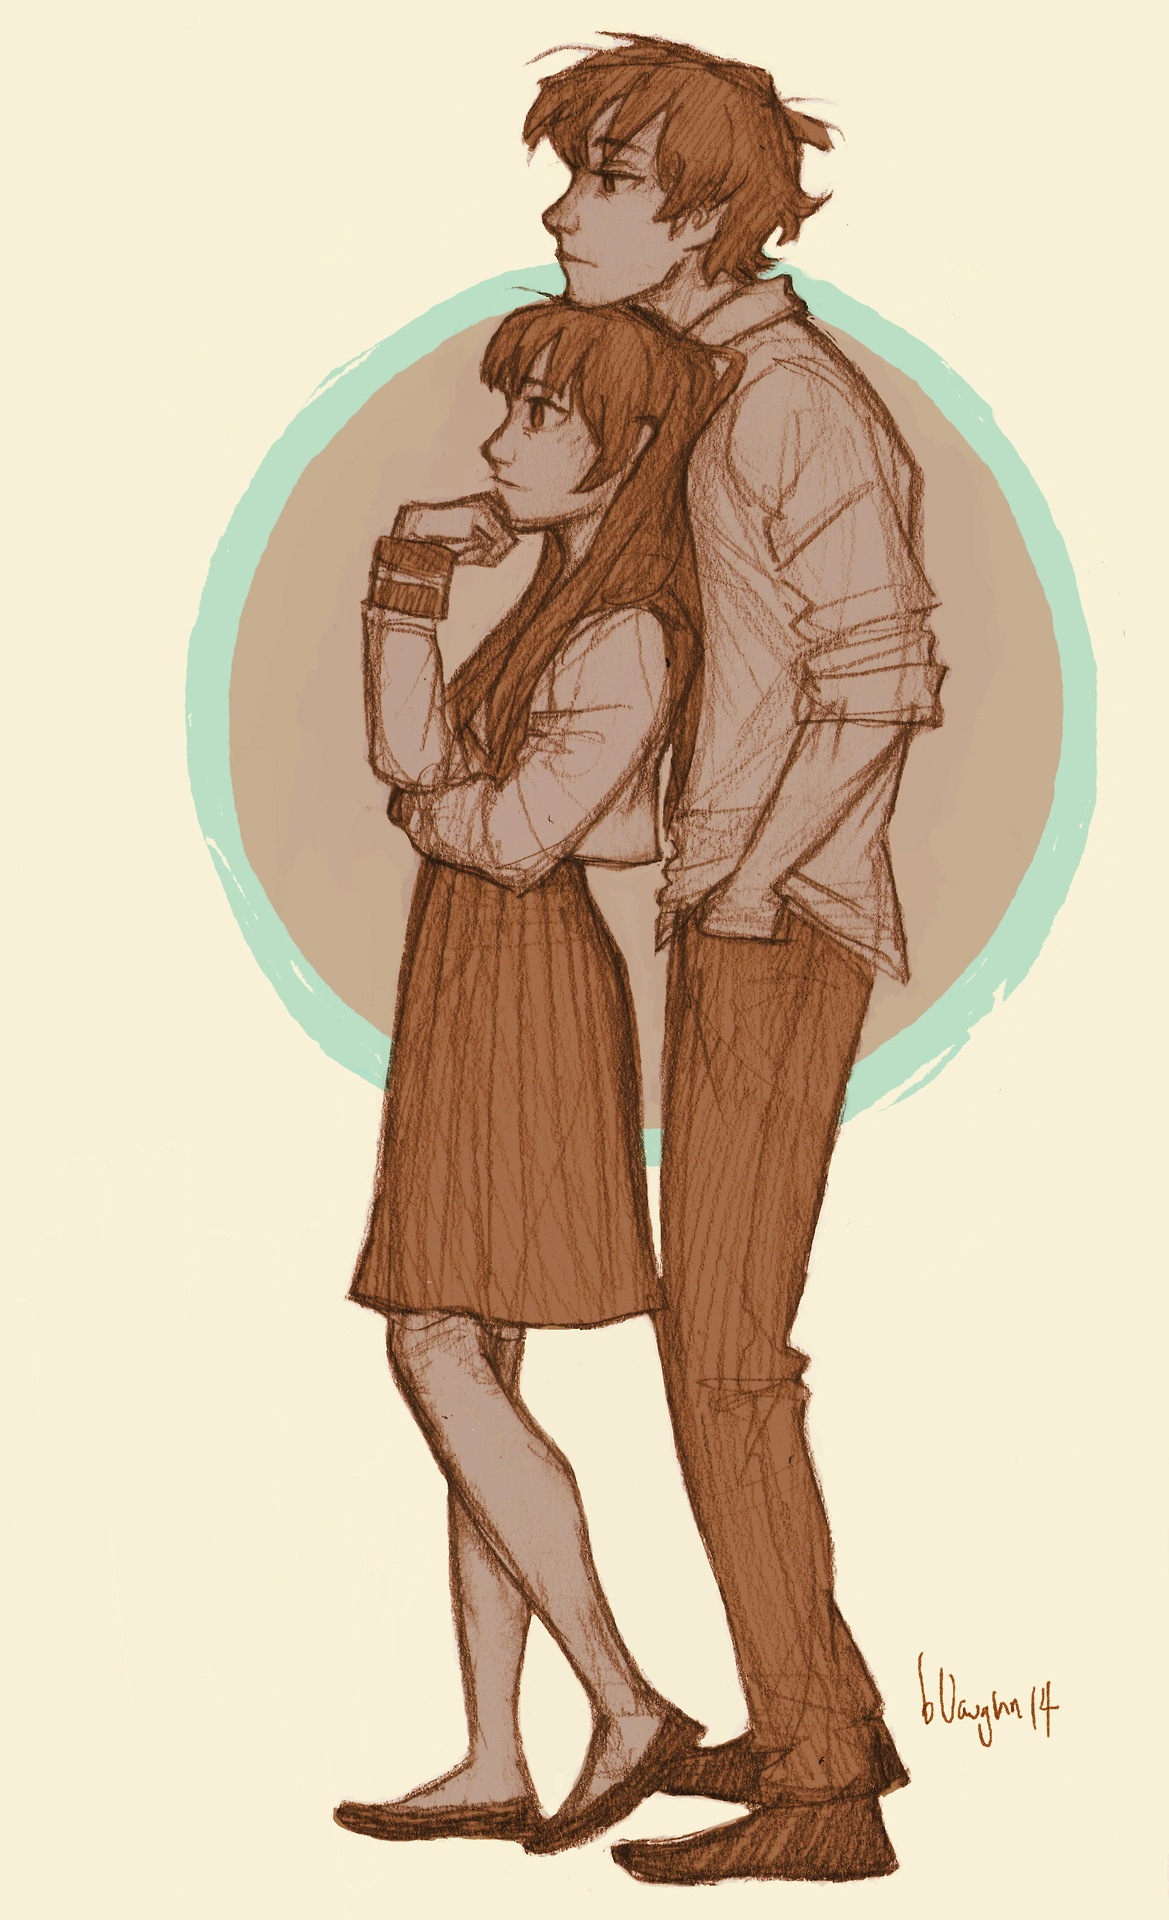 1169x1920 Boy Girl Couple Sketch Image Hug Of Sketch Of Short Girl